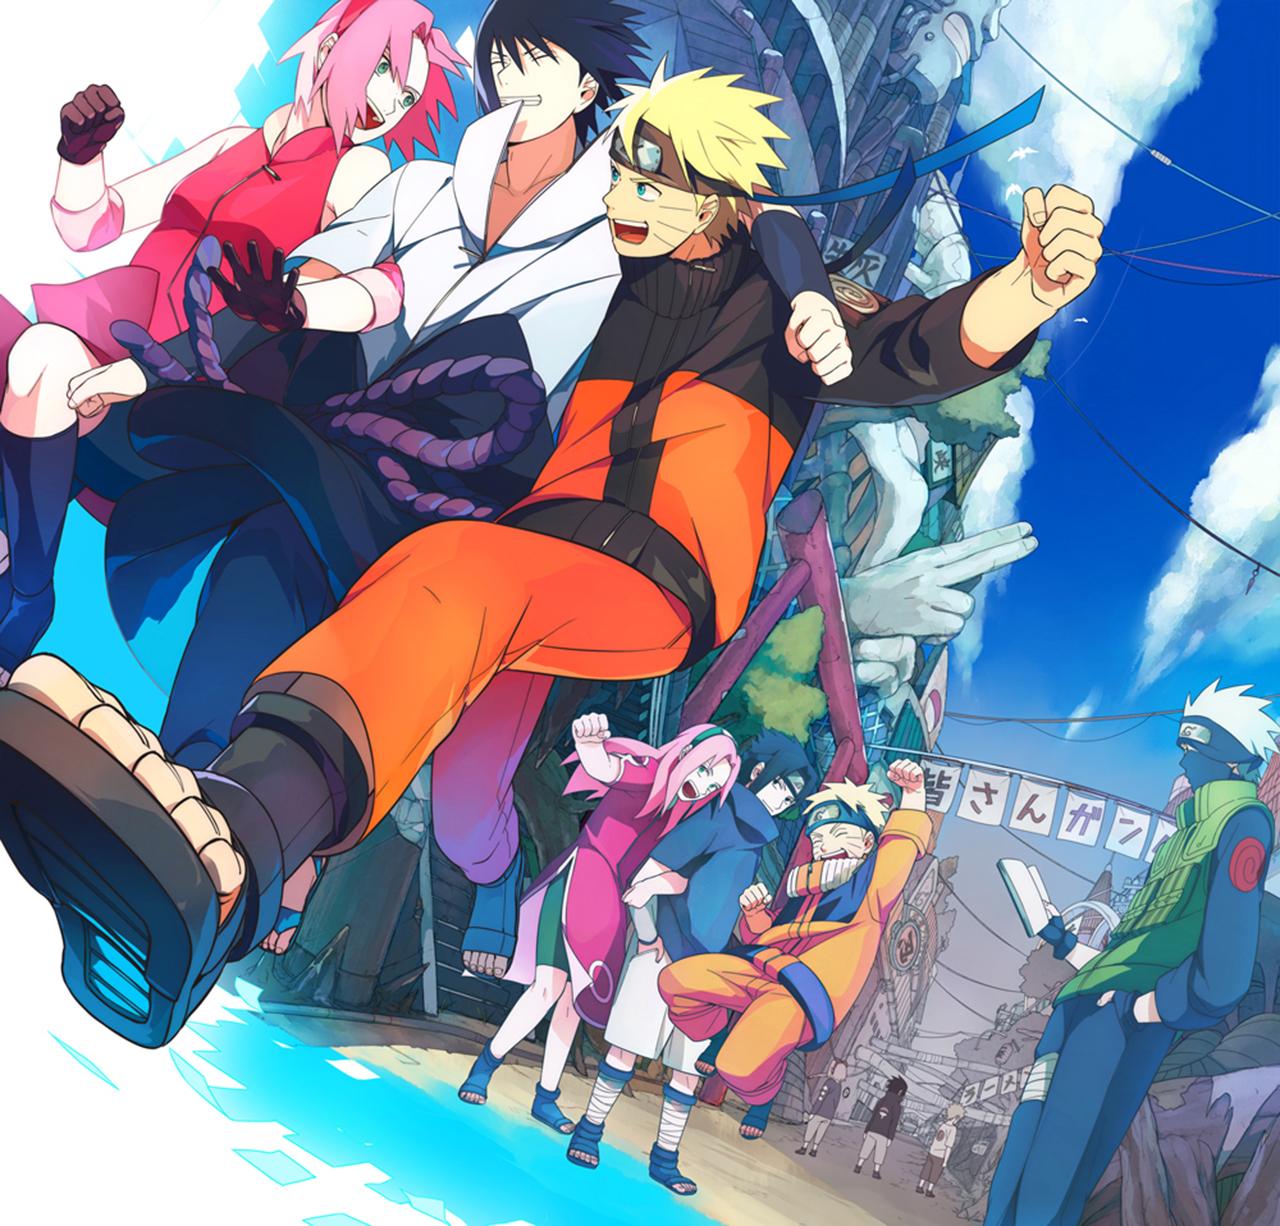 Naruto Art - ID: 78766 - Art Abyss